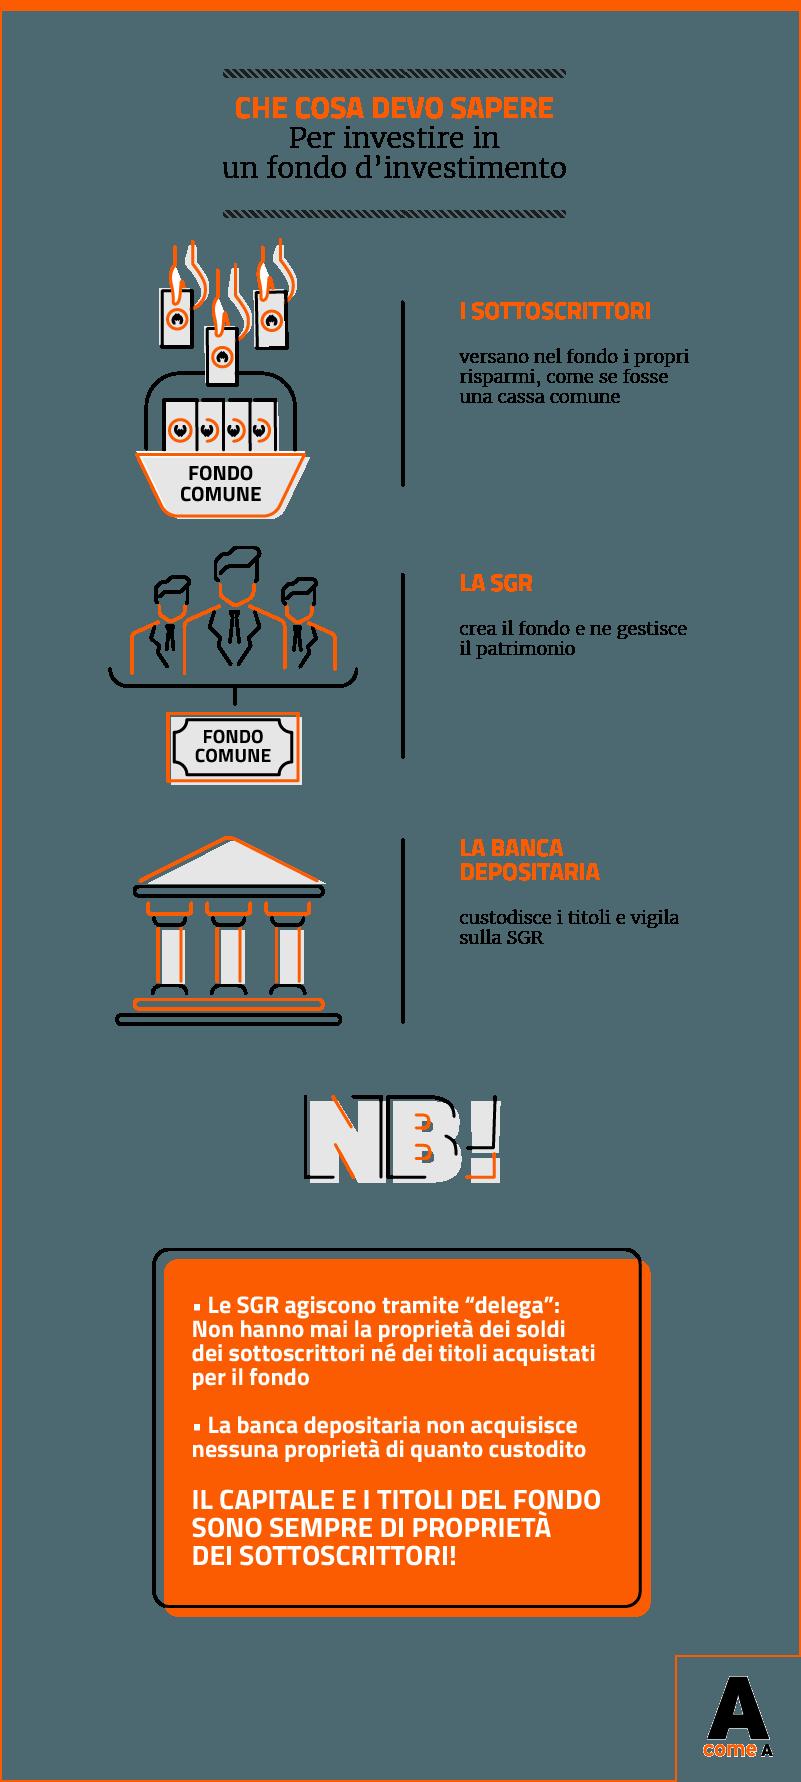 a115d79637 Infografica: che cosa devo sapere per investire in un fondo comune di  investimento?